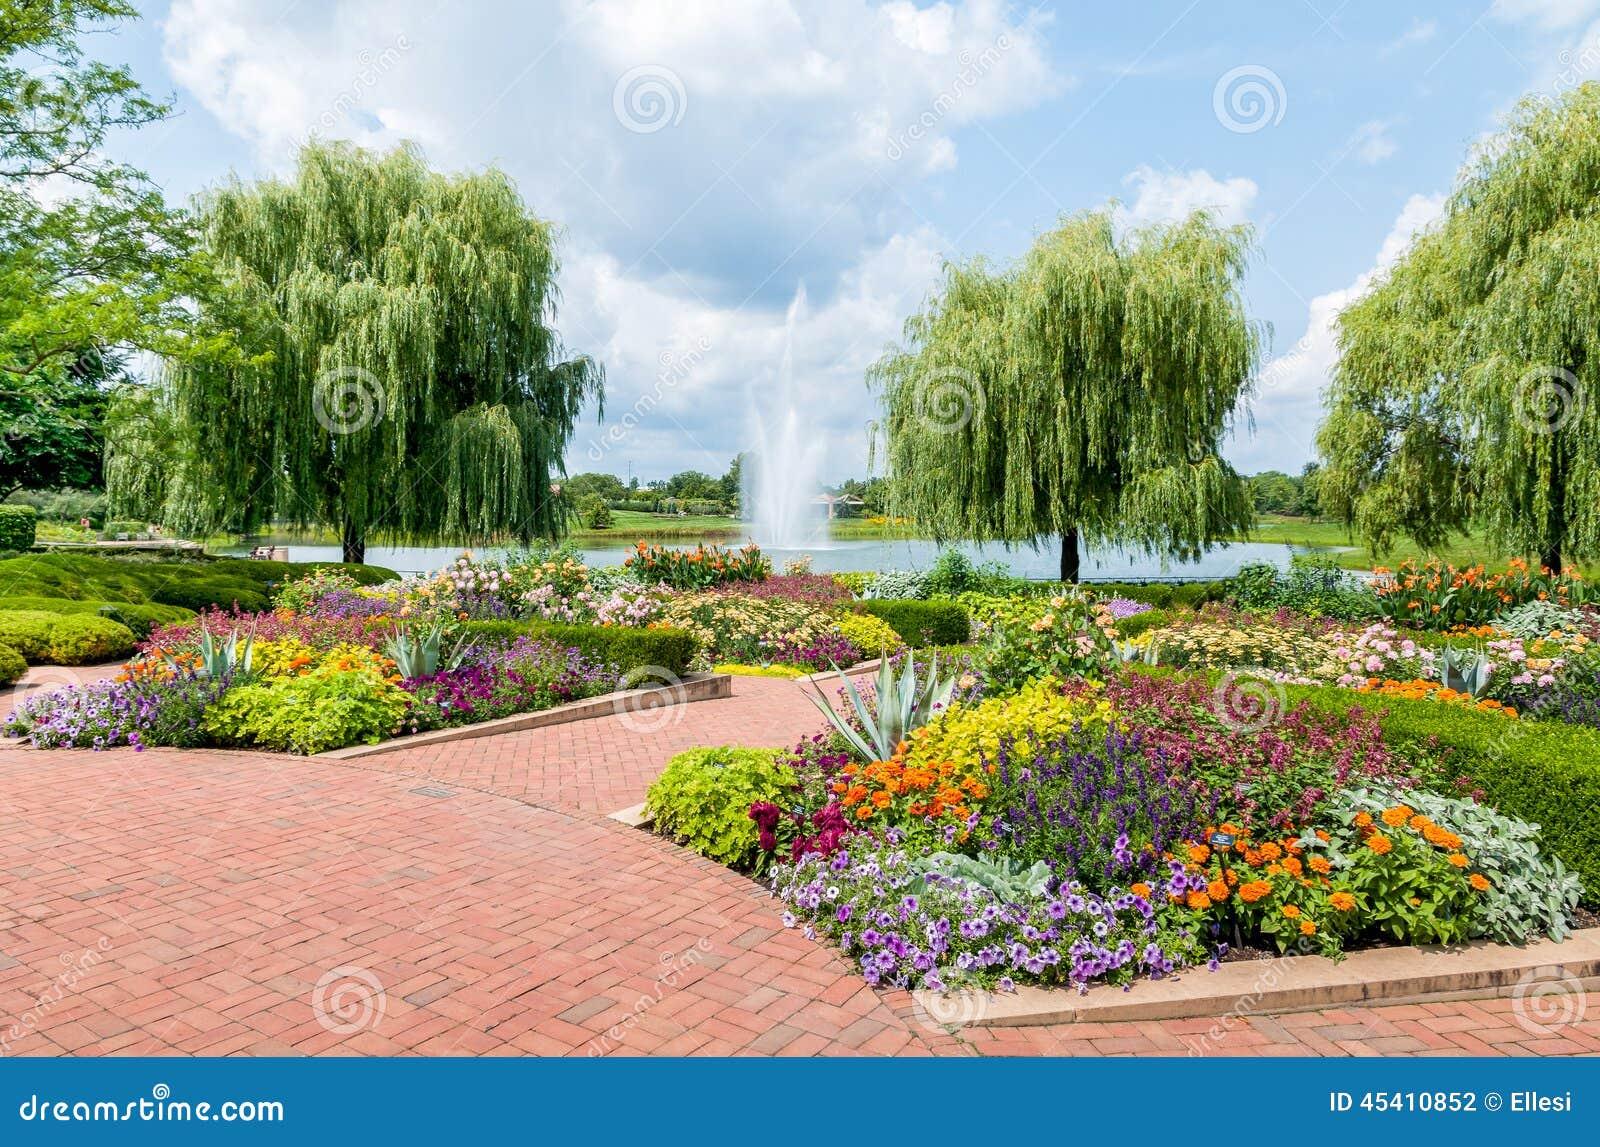 Chicago Botanic Garden Usa Stock Photo Image 45410852